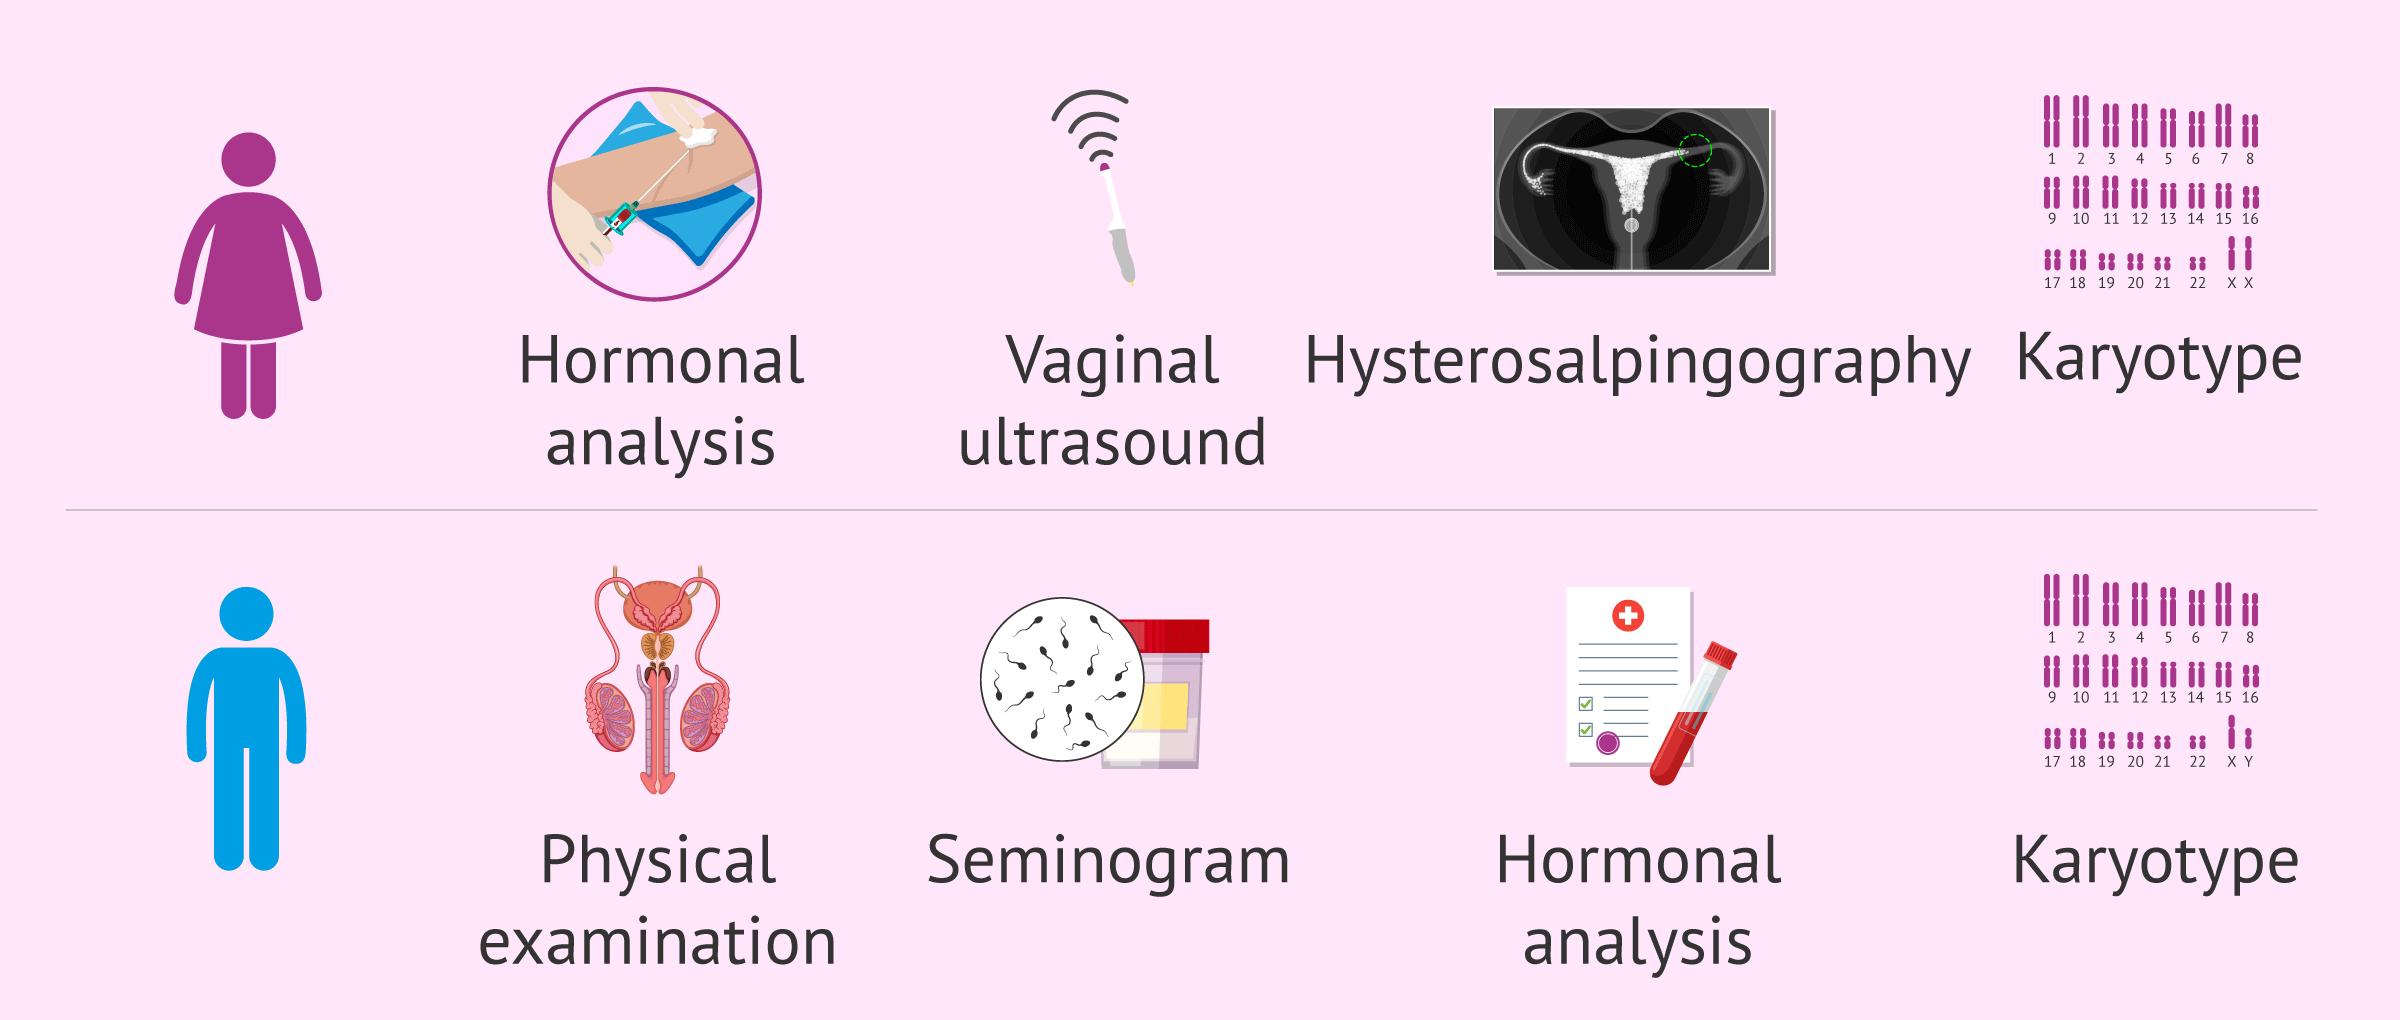 Fertility study